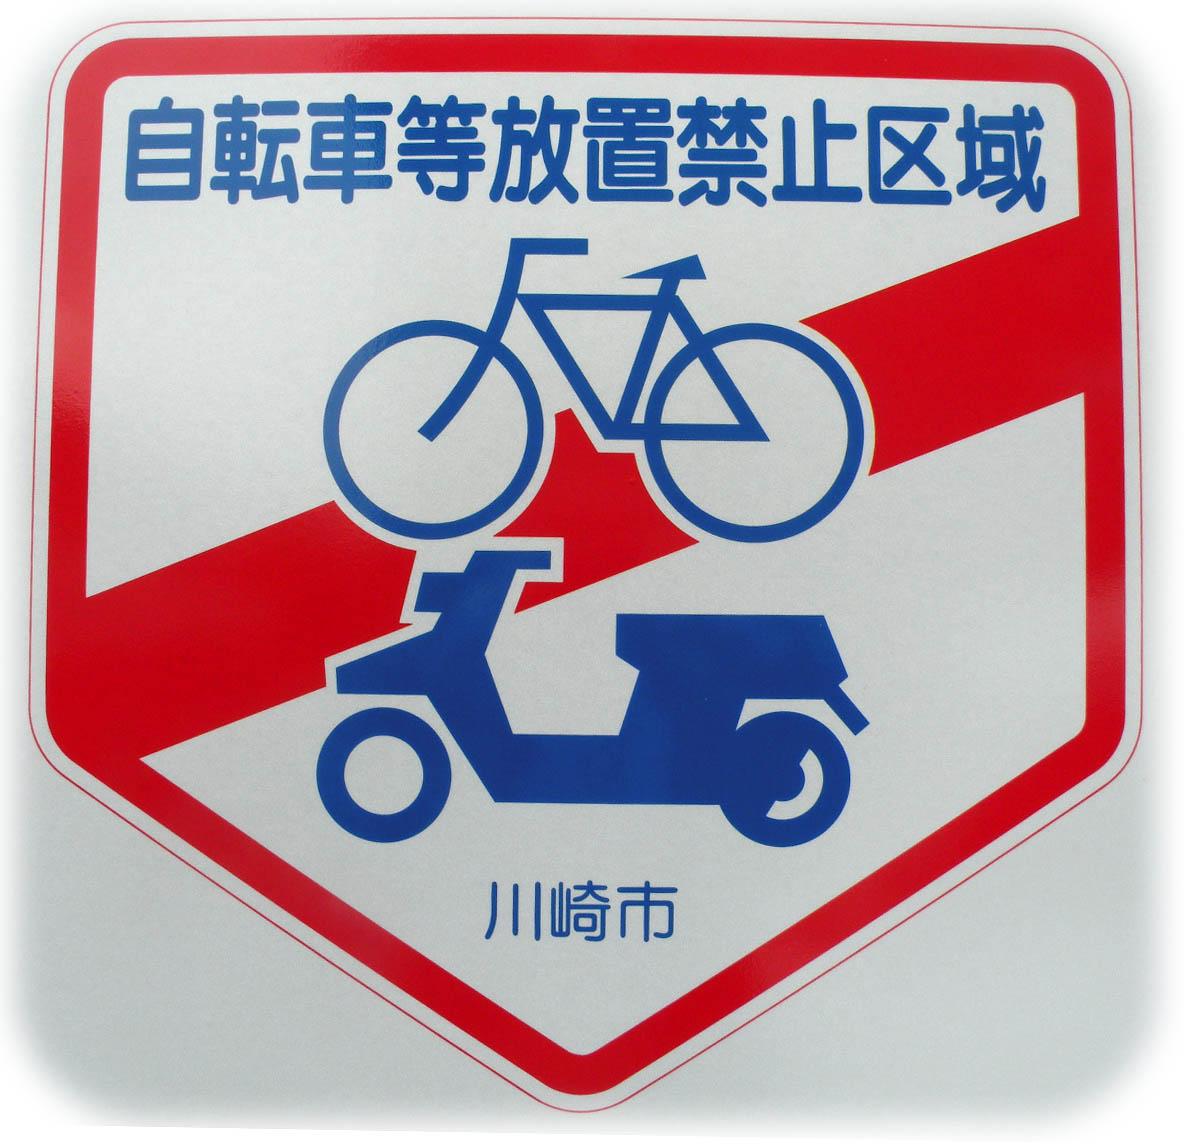 自転車の 自転車 禁止 : ... 自転車等放置禁止区域の指定